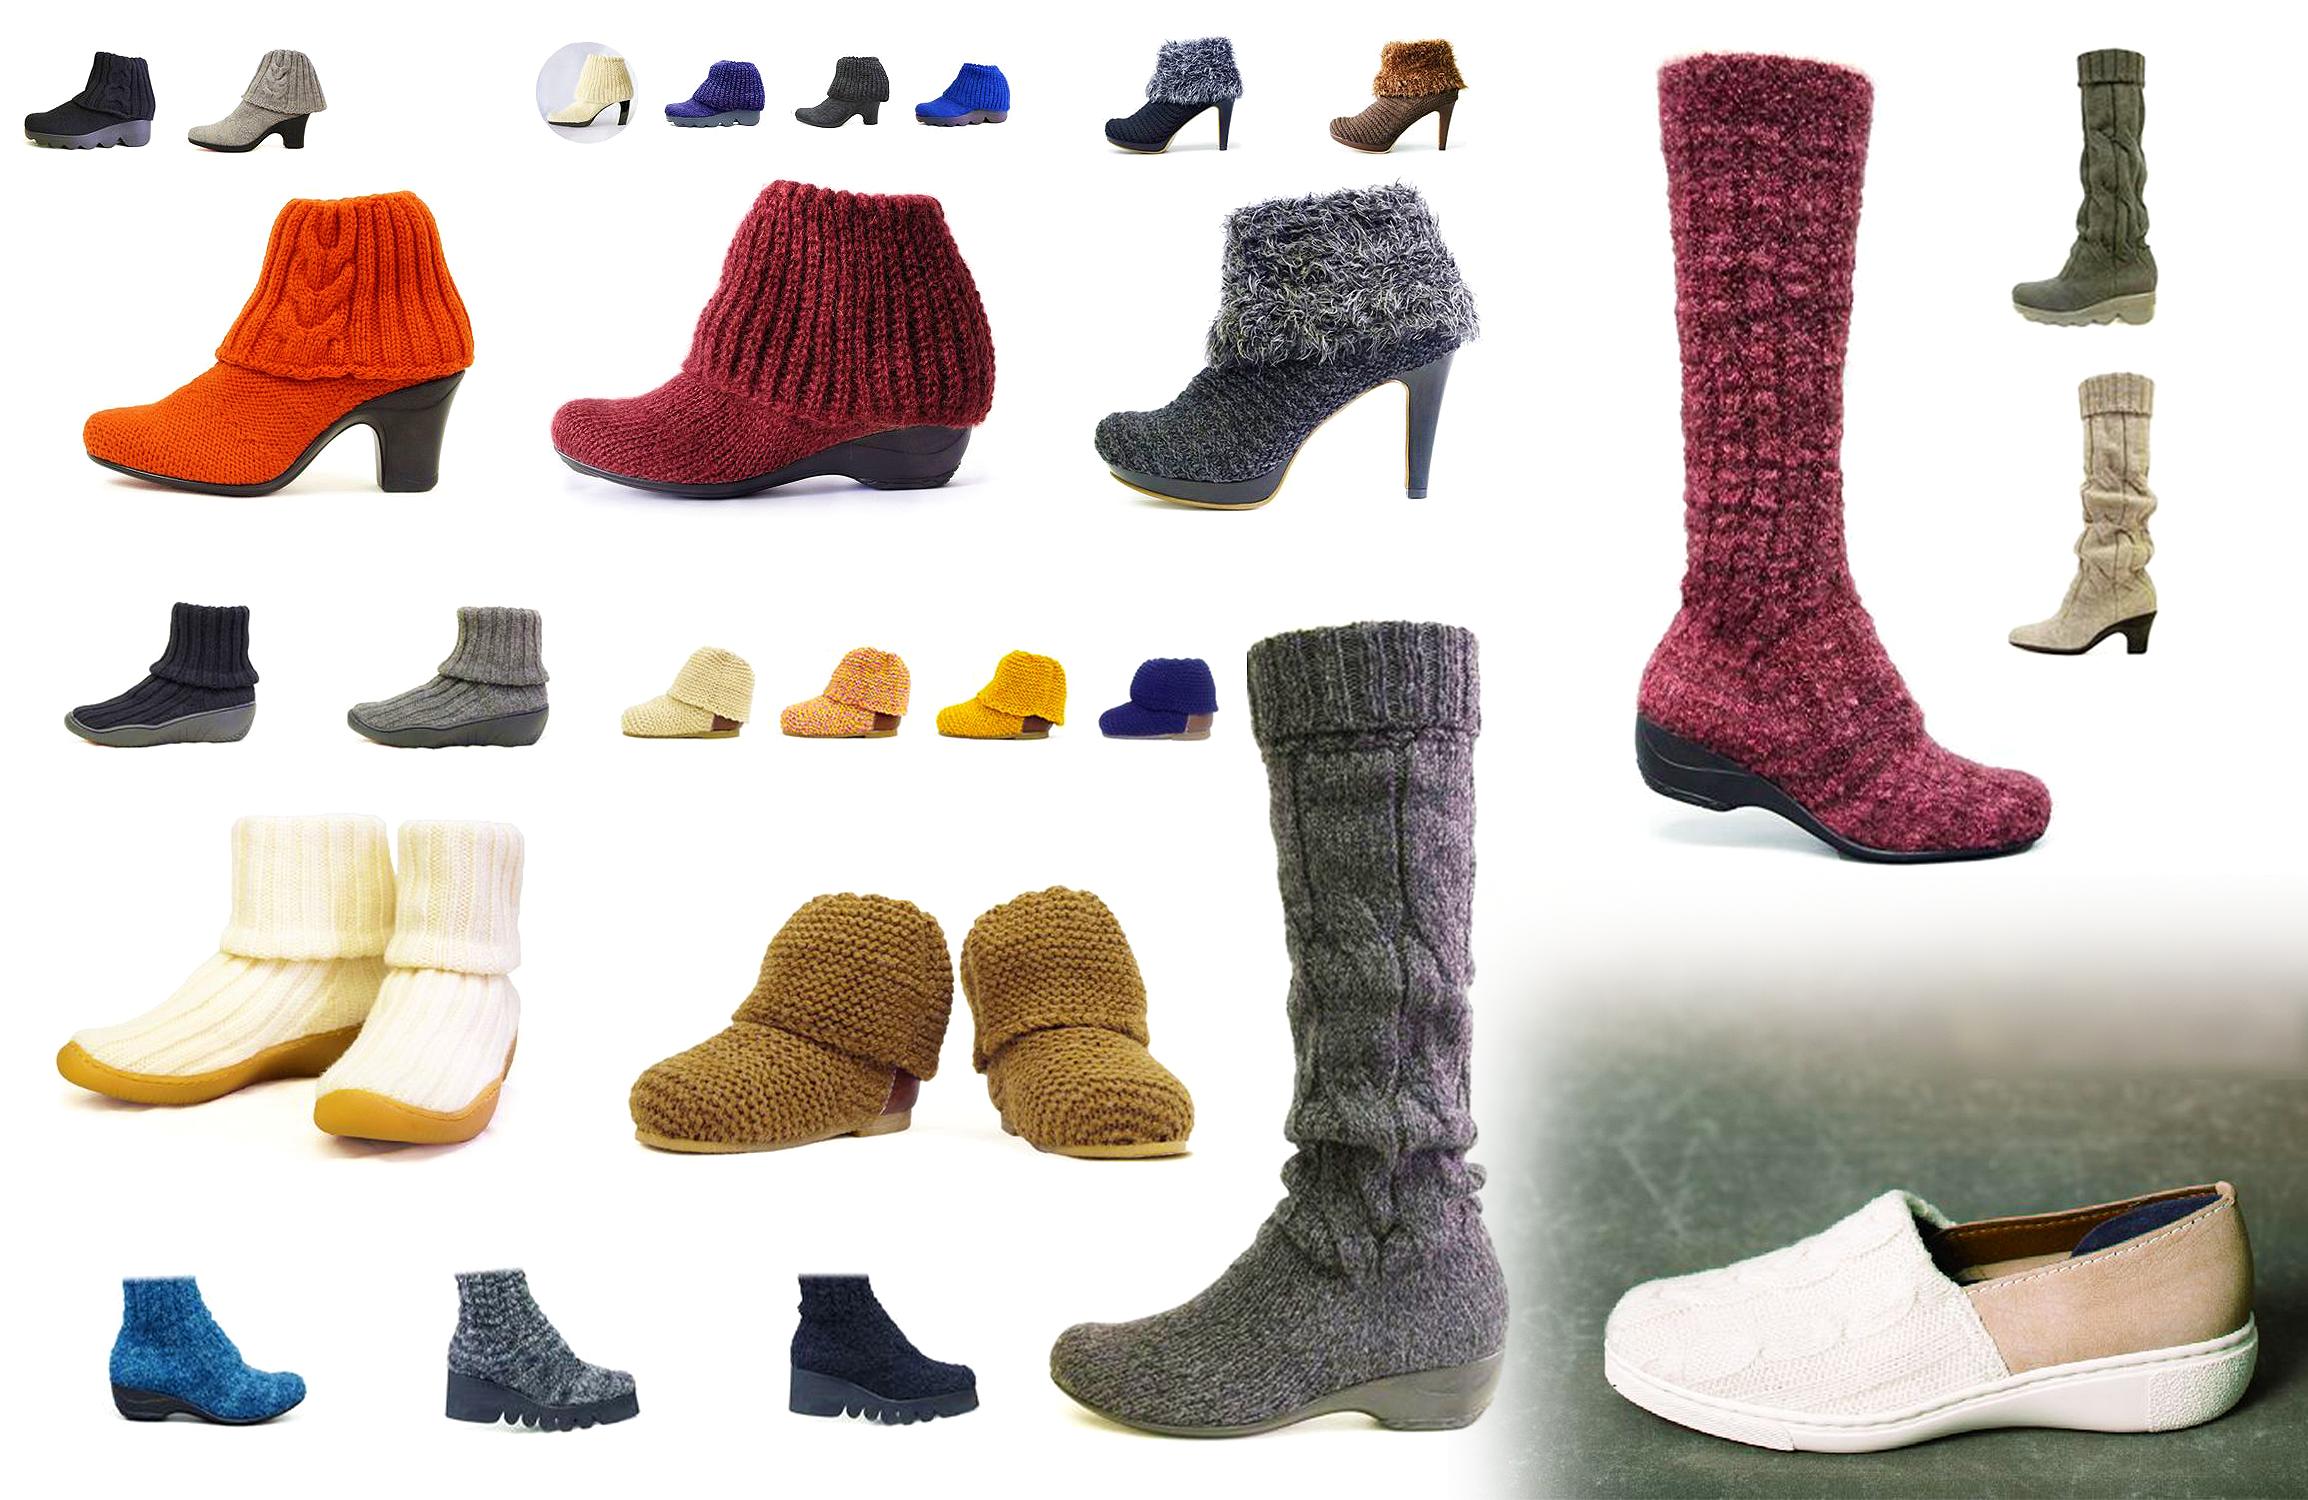 Knit Boots & Pumps - KEiKA